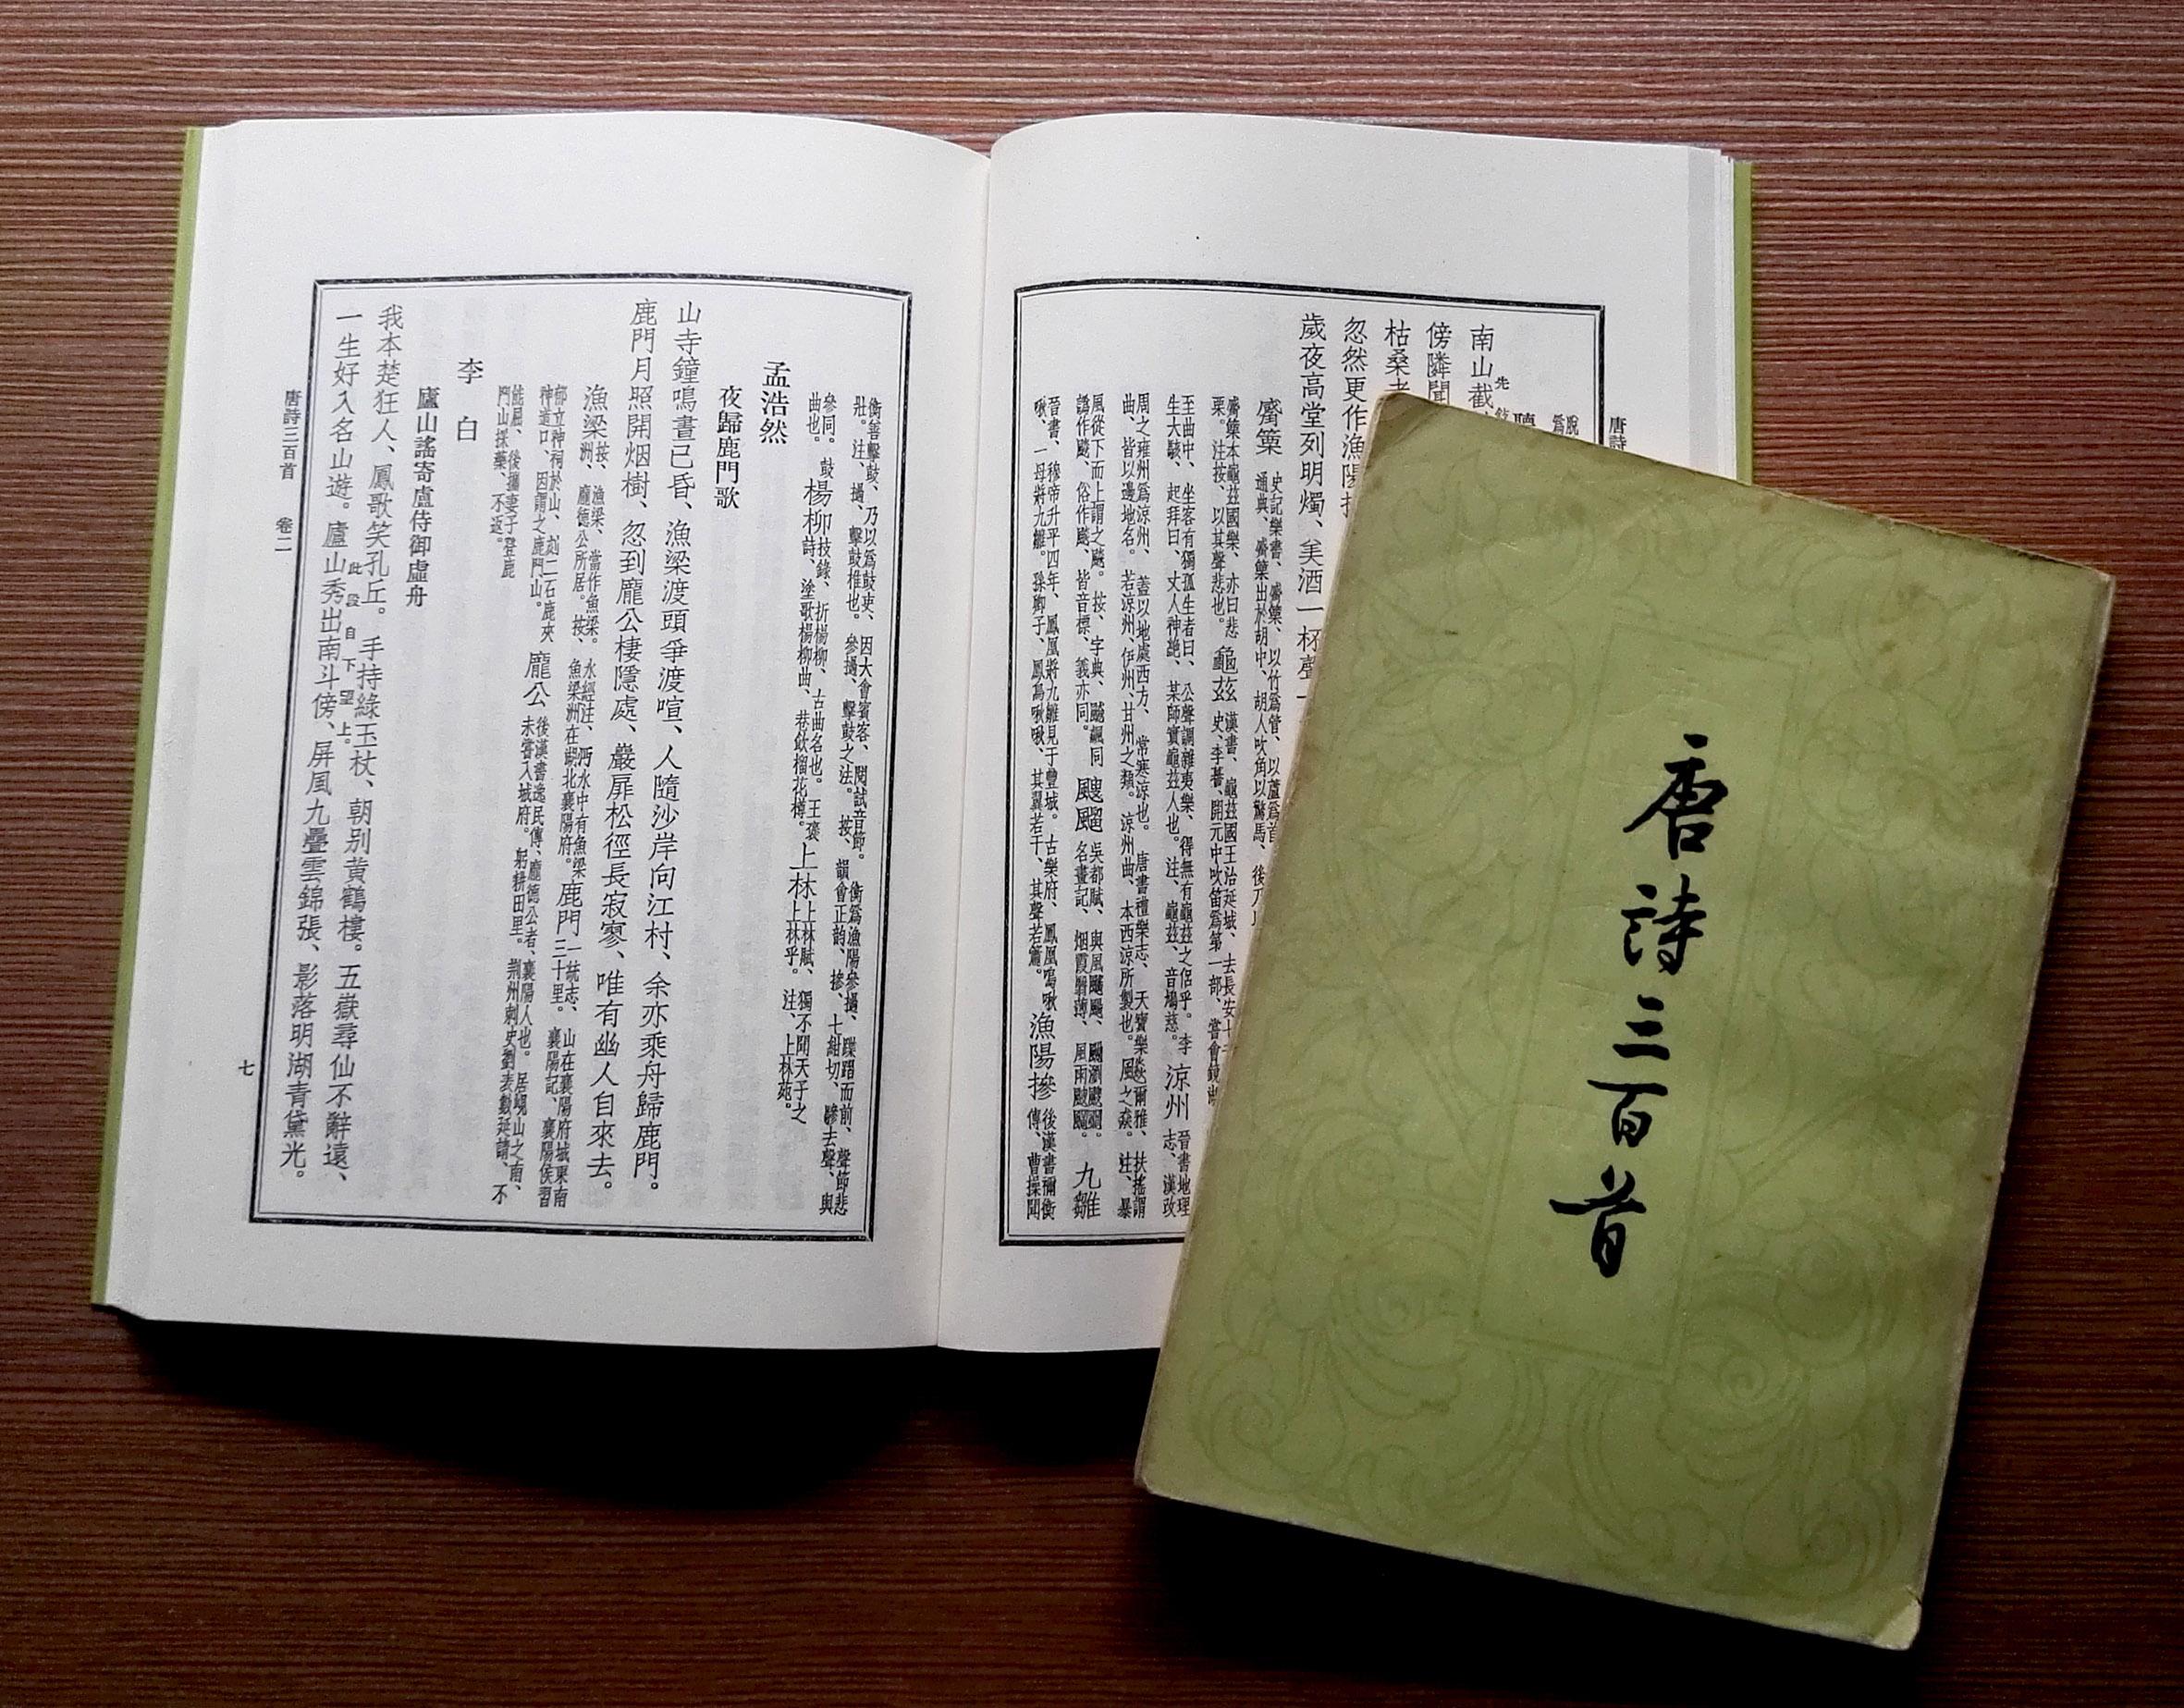 唐诗三百首(中华书局本)